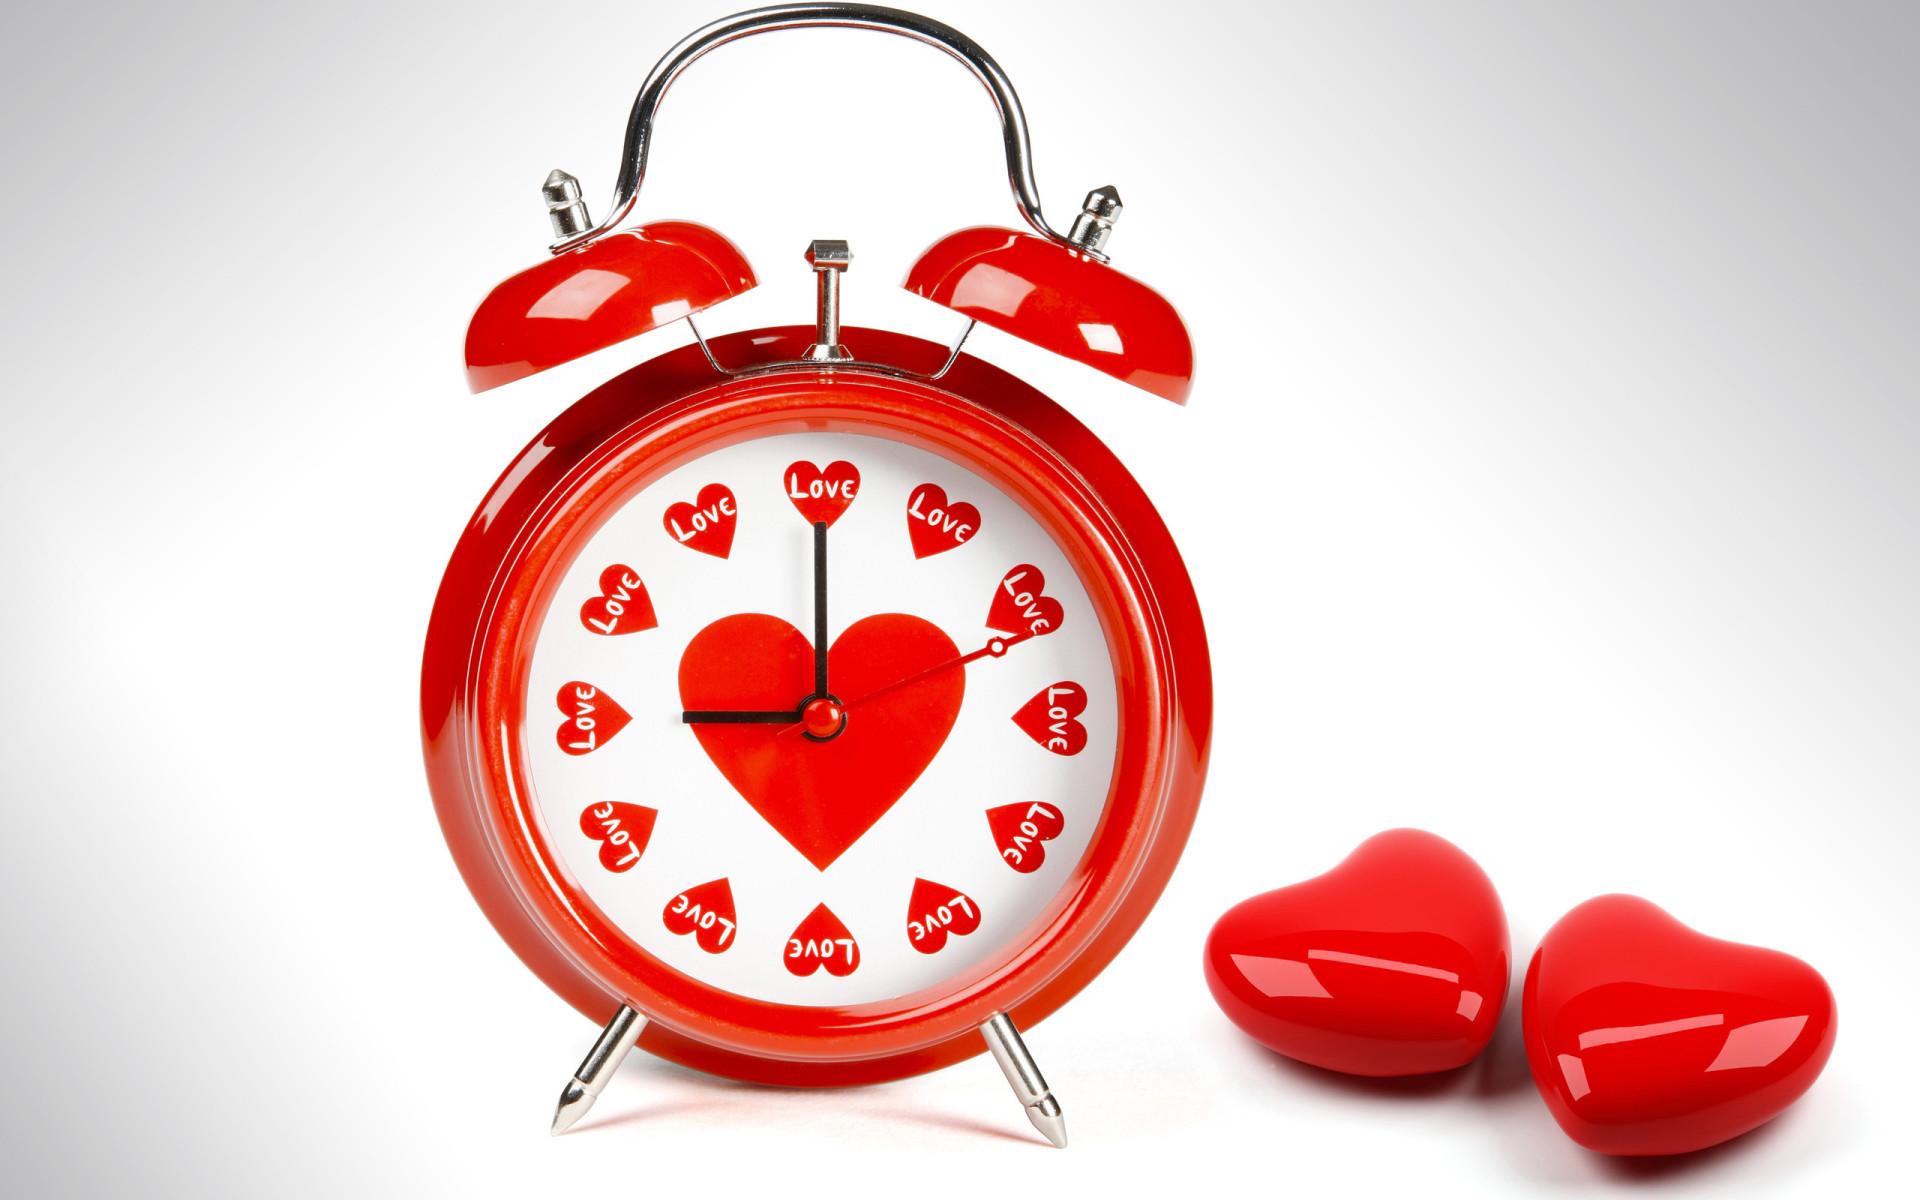 11497 скачать обои Праздники, Сердца, Любовь, День Святого Валентина (Valentine's Day), Часы - заставки и картинки бесплатно